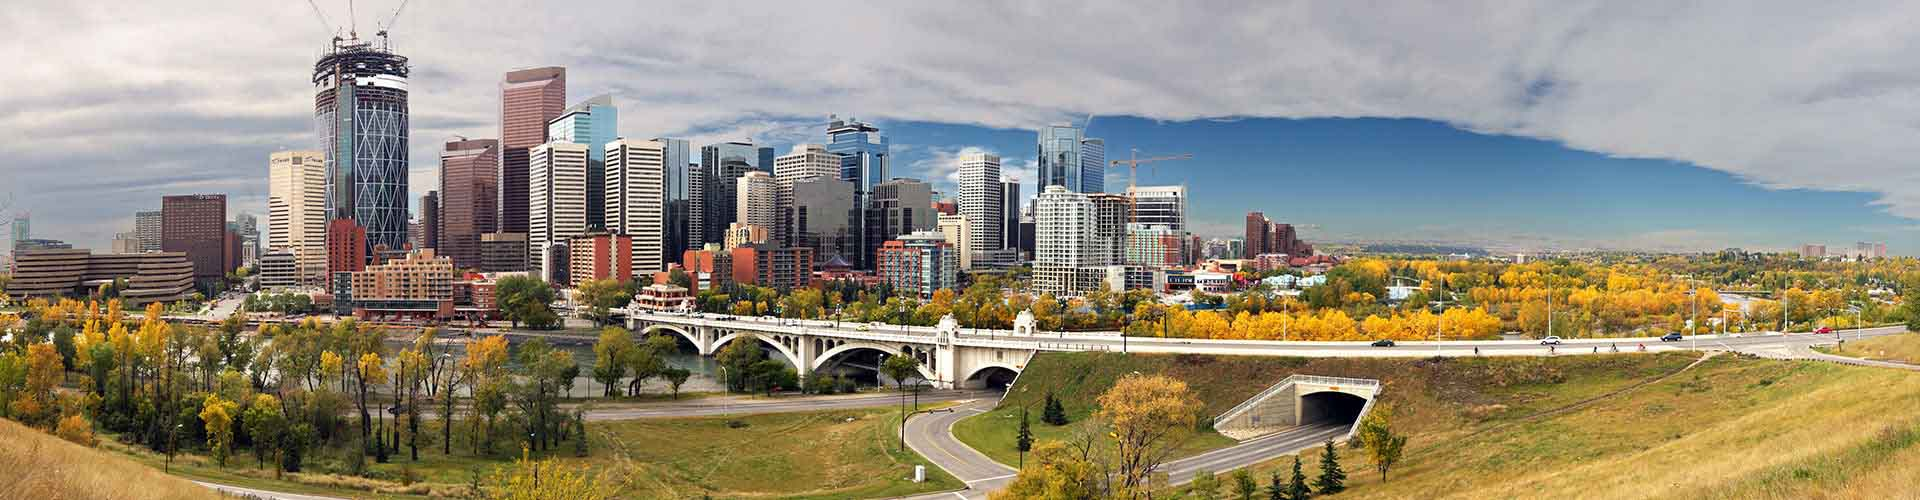 Calgary - Hoteles baratos en el distrito Evanston. Mapas de Calgary, Fotos y comentarios de cada Hotel barato en Calgary.